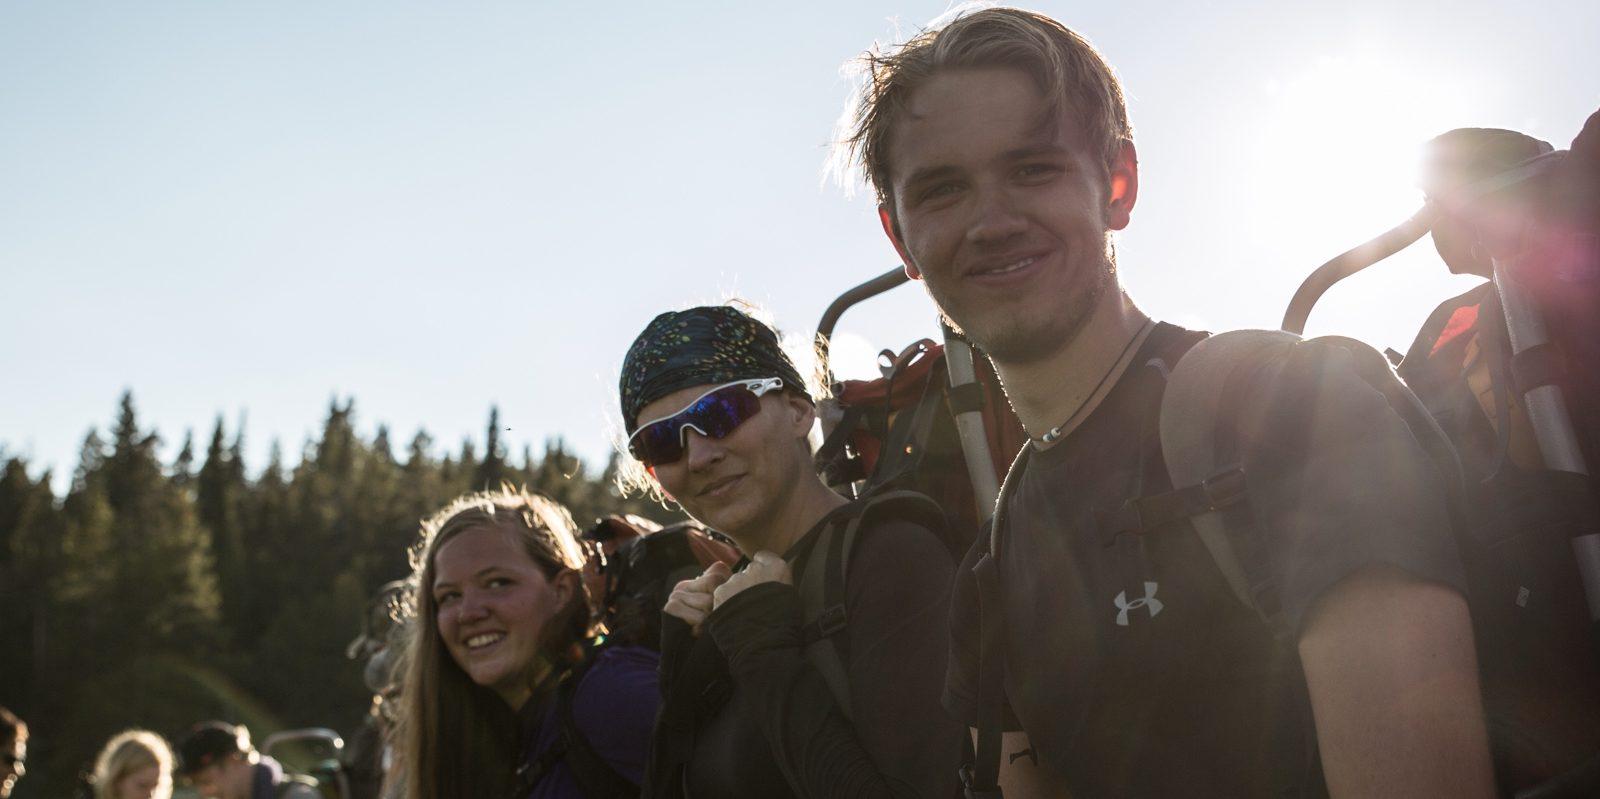 leadertreks backpacking adventure